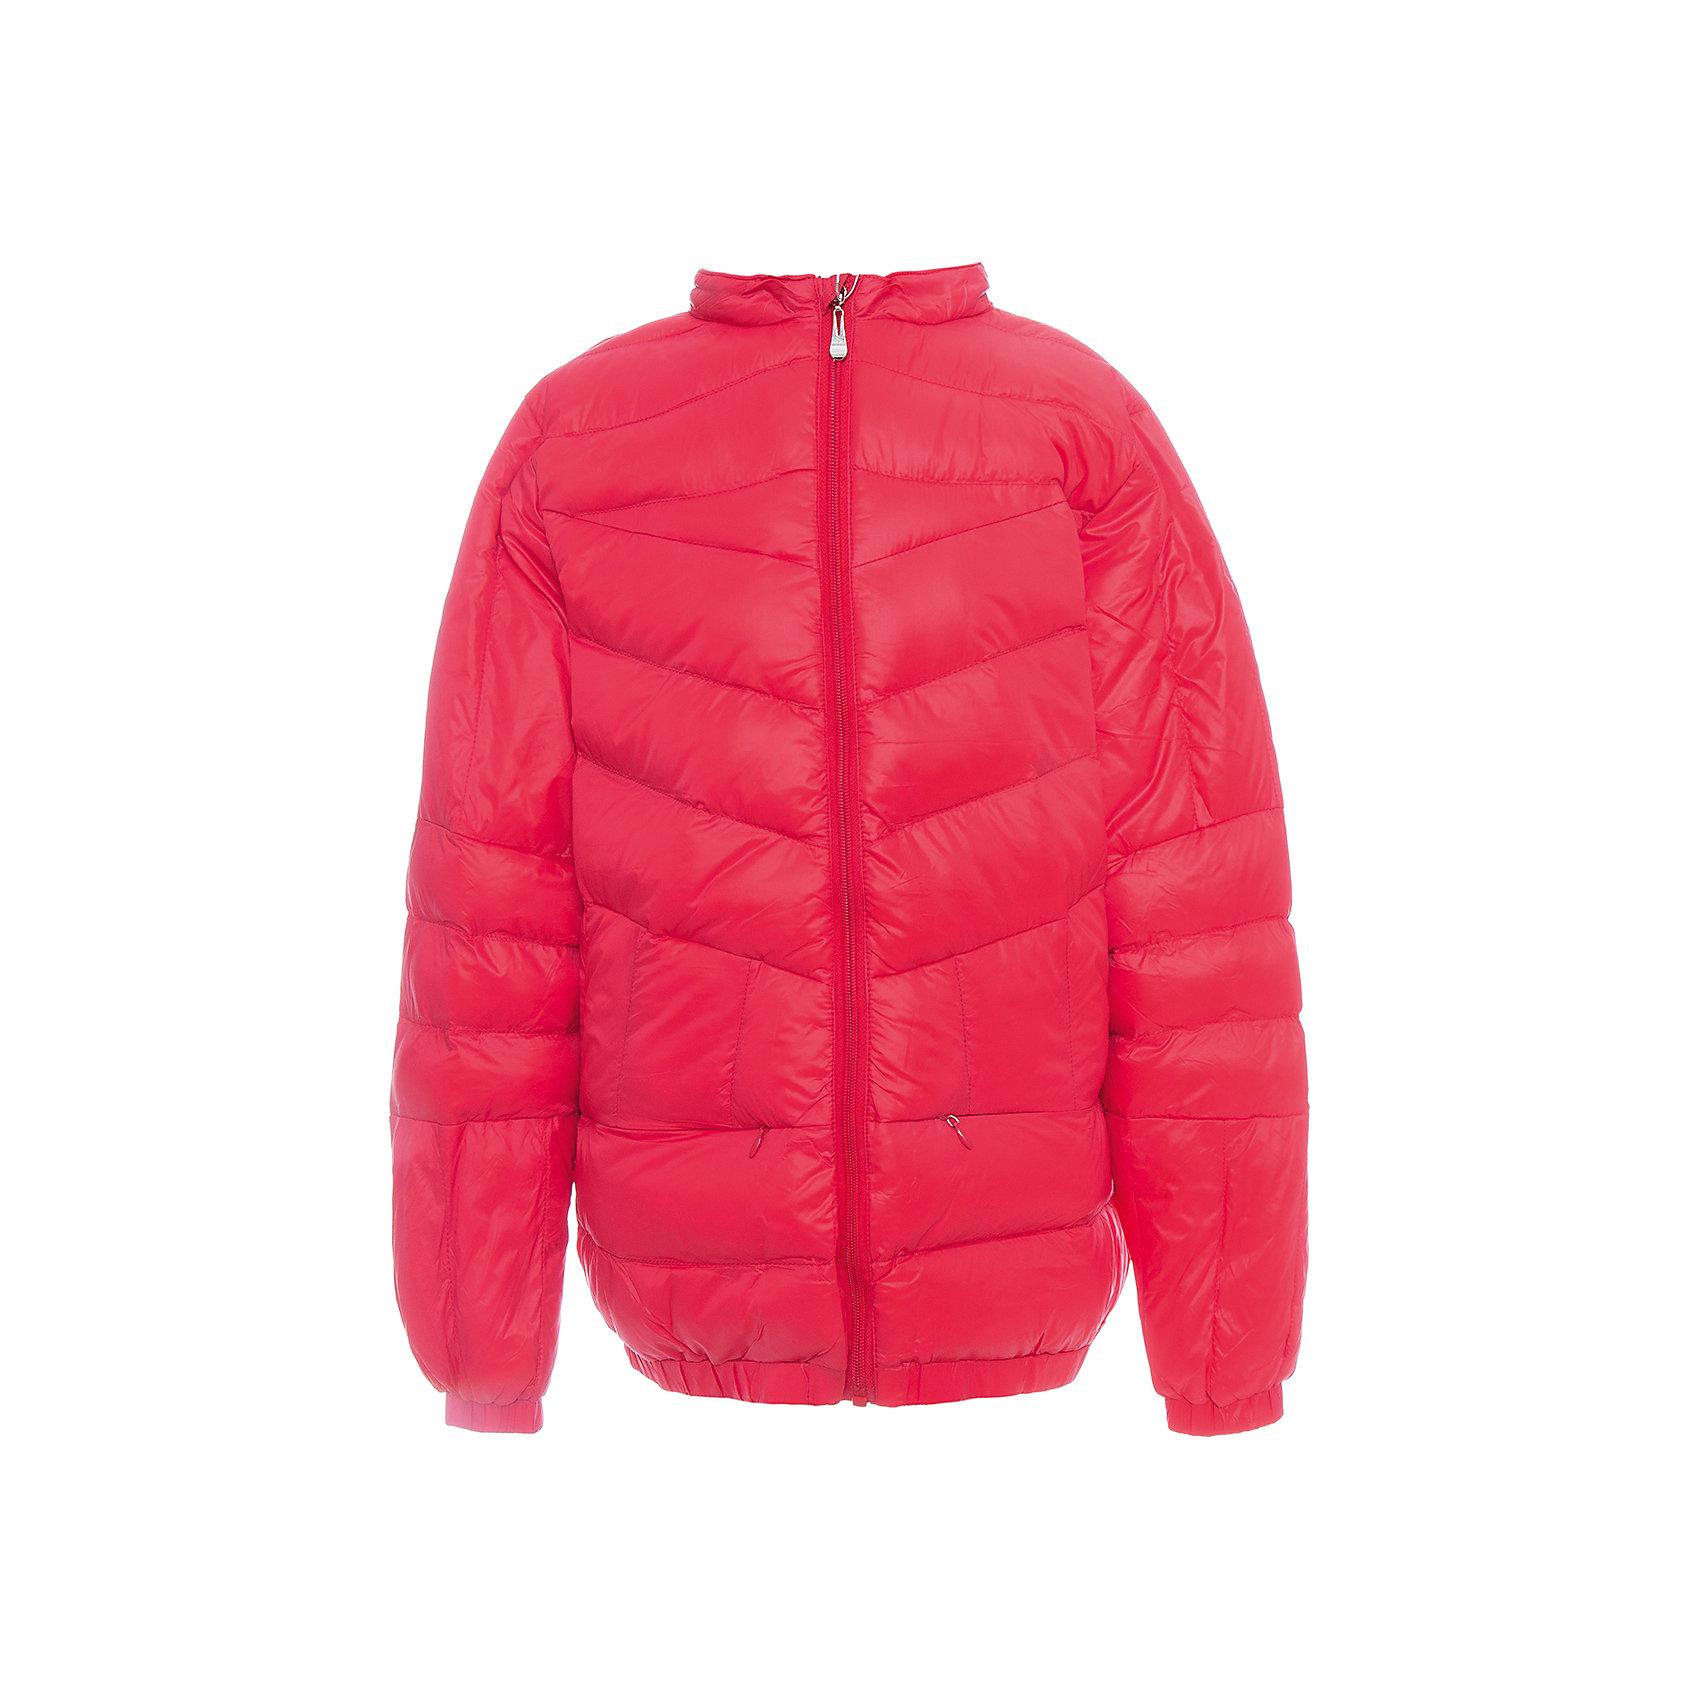 Куртка для девочки LuminosoЛегкая и стильная, стеганая куртка для девочки с воротником-стойкой. Потайные карманы на молнии. Застегивается на молнию.<br>Состав:<br>Верх: 100%нейлон.  Подкладка: 100%полиэстер. Наполнитель: 100%полиэстер<br><br>Ширина мм: 356<br>Глубина мм: 10<br>Высота мм: 245<br>Вес г: 519<br>Цвет: красный<br>Возраст от месяцев: 96<br>Возраст до месяцев: 108<br>Пол: Женский<br>Возраст: Детский<br>Размер: 134,164,140,146,152,158<br>SKU: 5413531